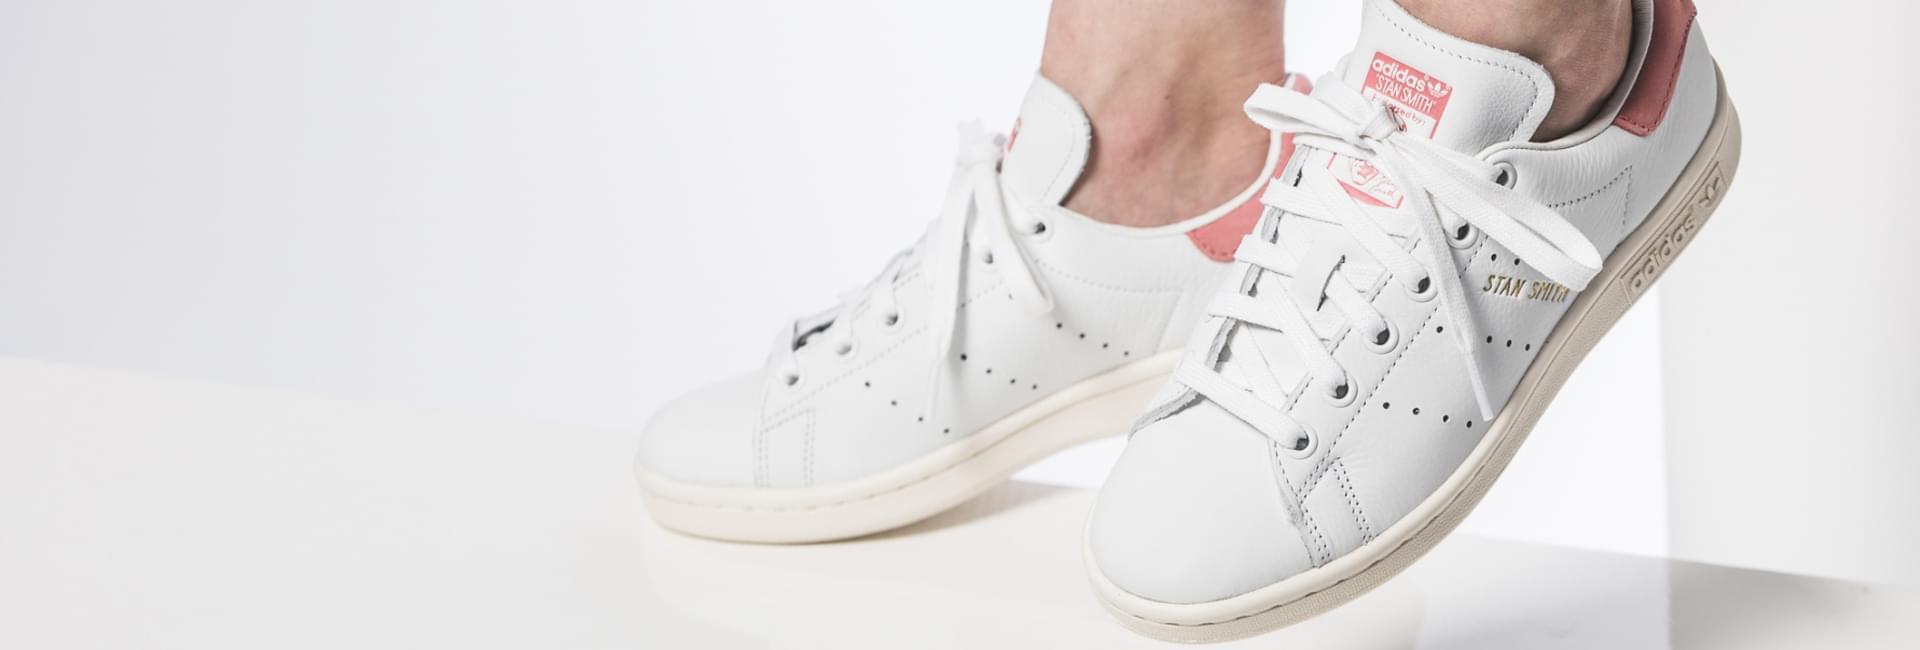 e5c147dd4897 Adidas Stan Smith e Superstar disponibili a La Galleria